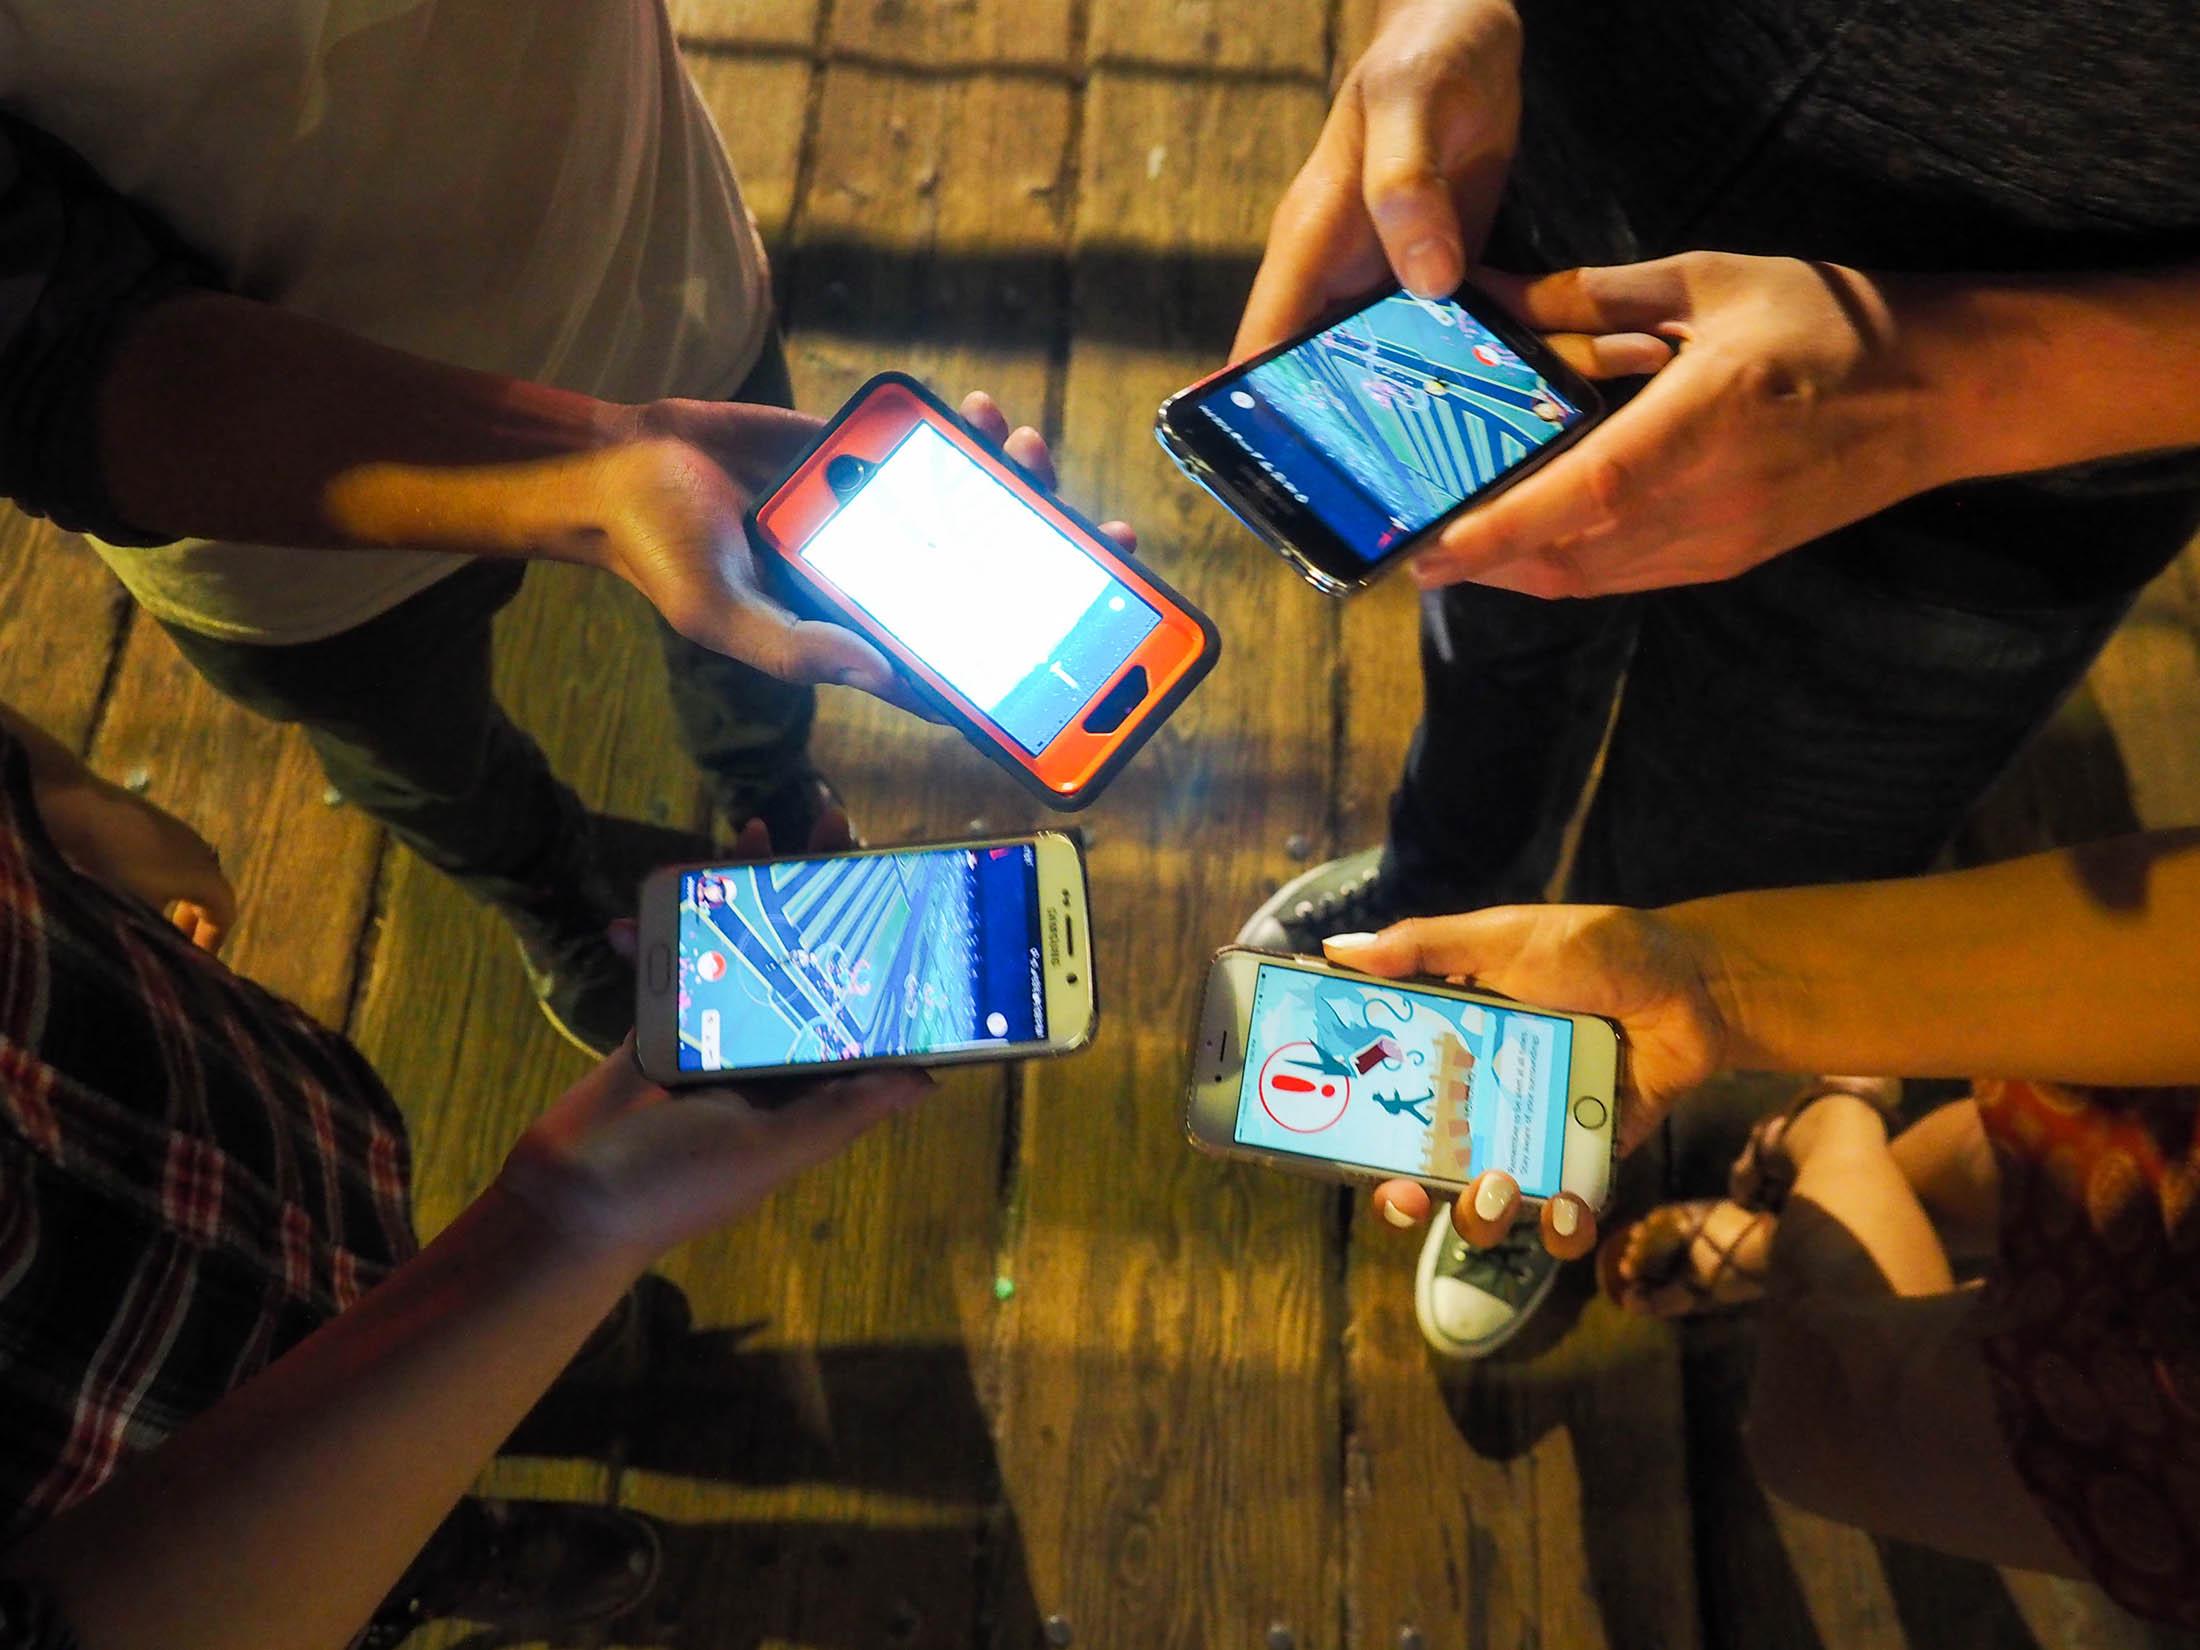 pokemon goes to court in backyard monster trespassing case bloomberg